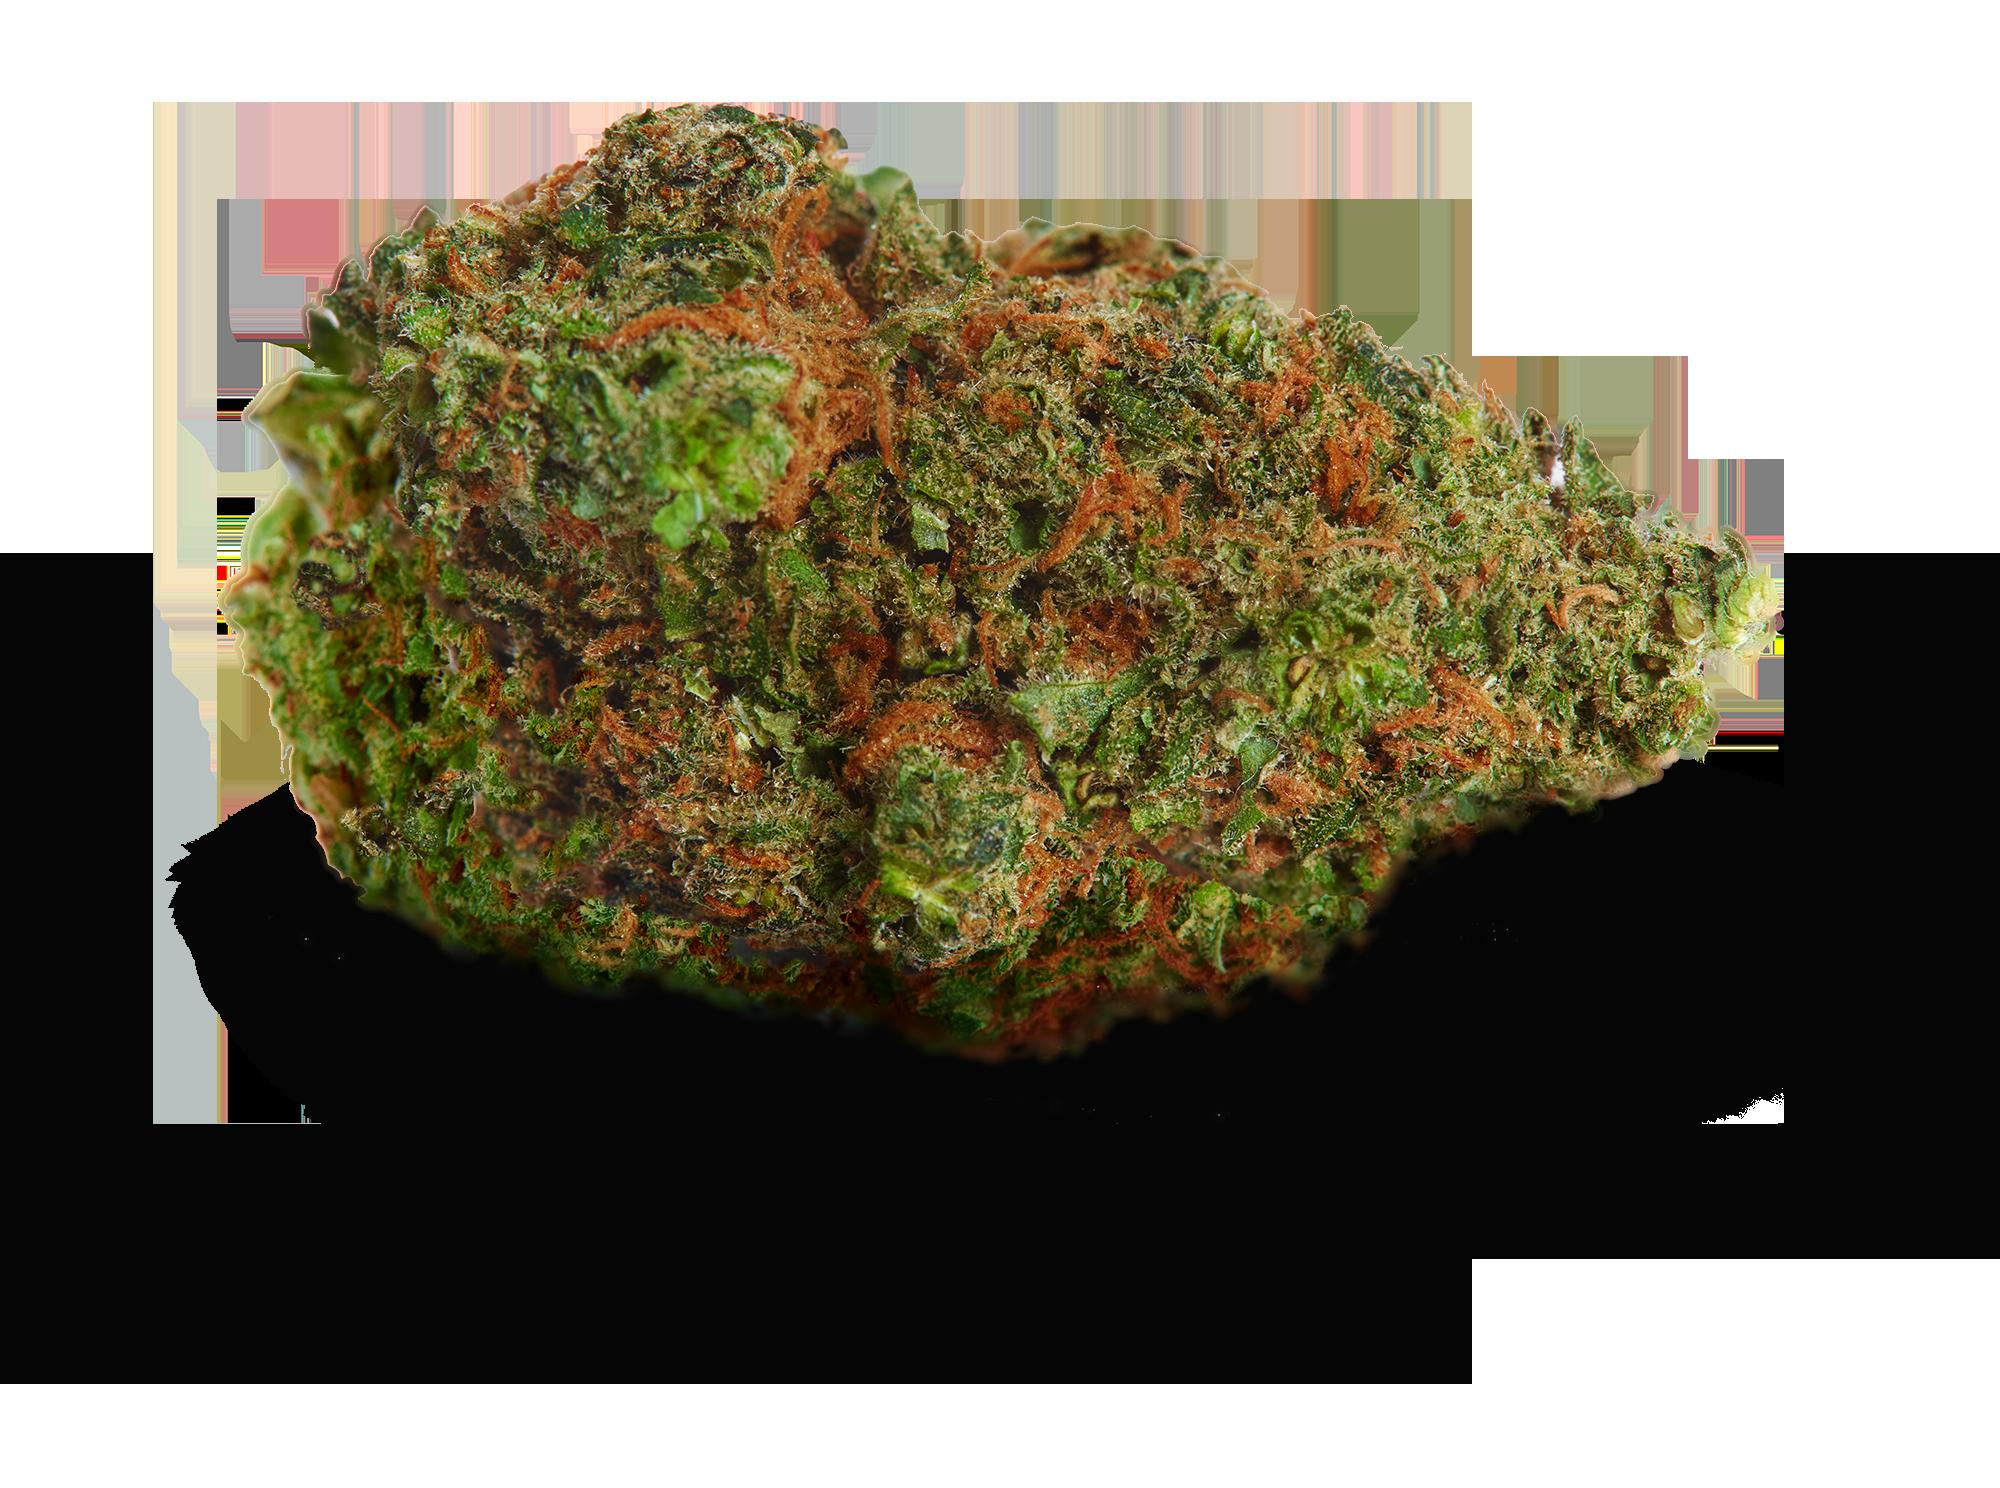 Cannaflower Box Calm Bud